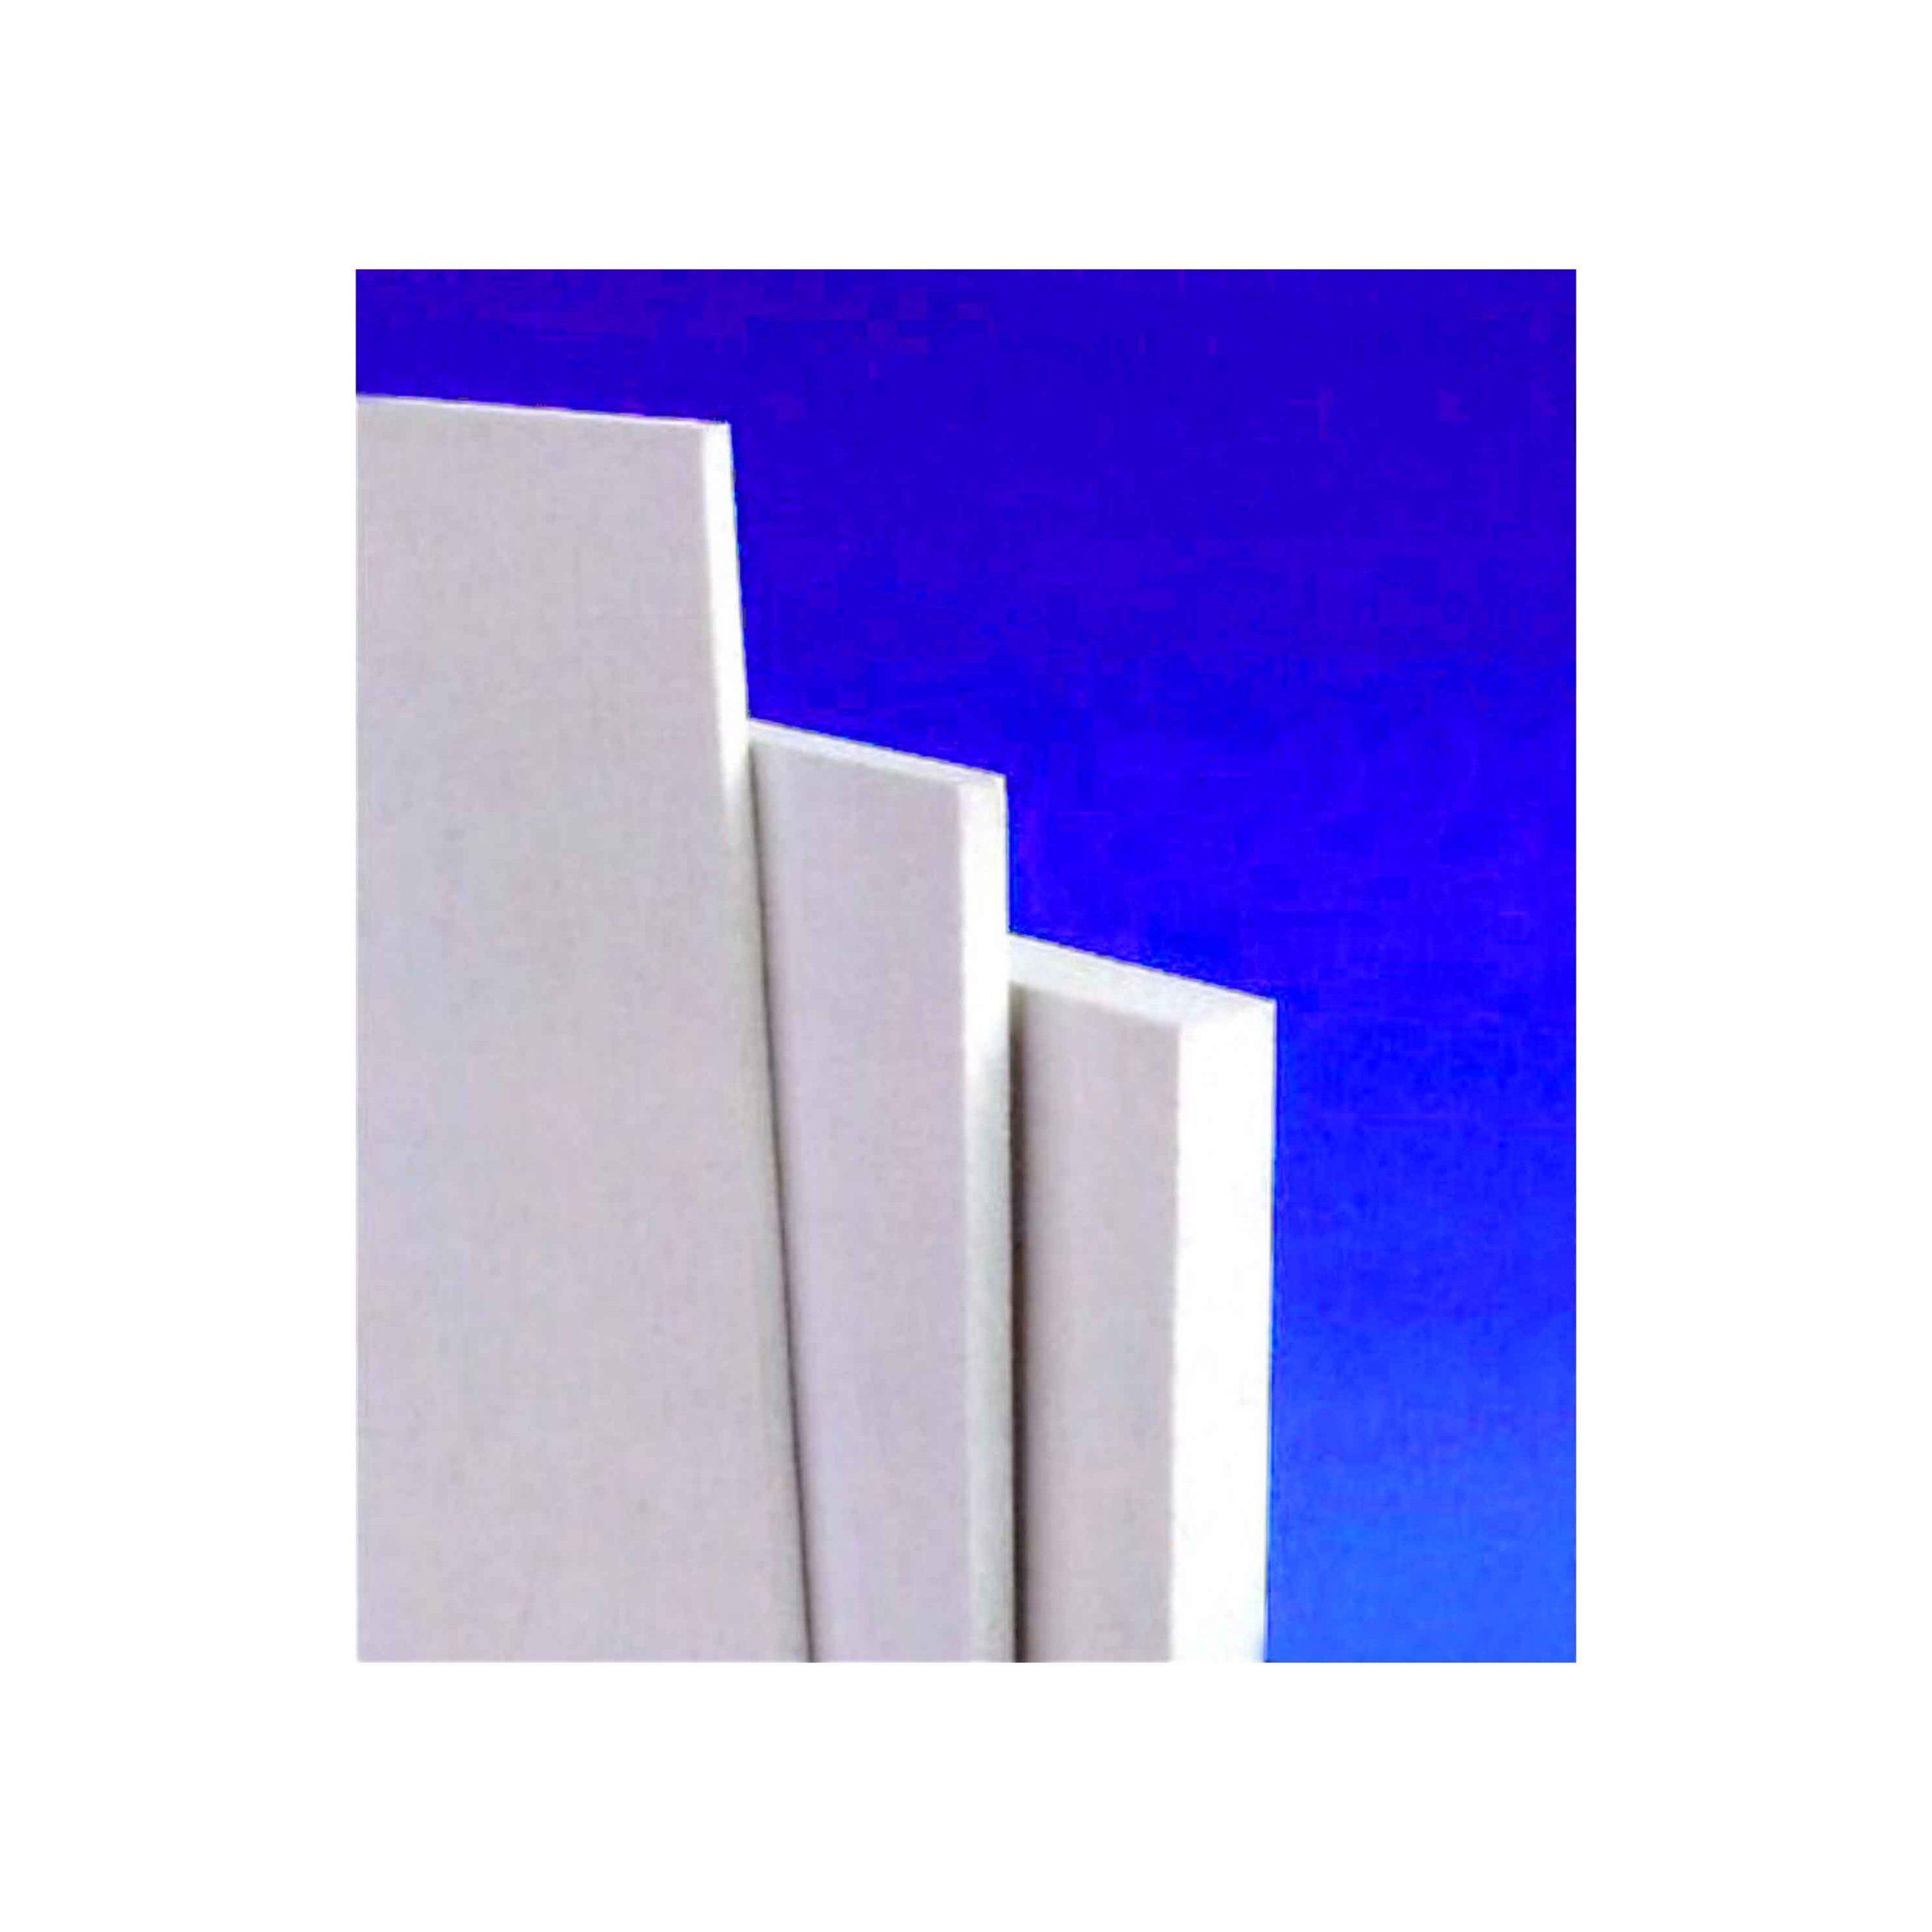 PLAQUE_PVC_EXPANSE_BLANC_MAT_REF_6512_SEMI_RIGIDE_BSB_CAOUTCHOUCS_PLASTIQUES